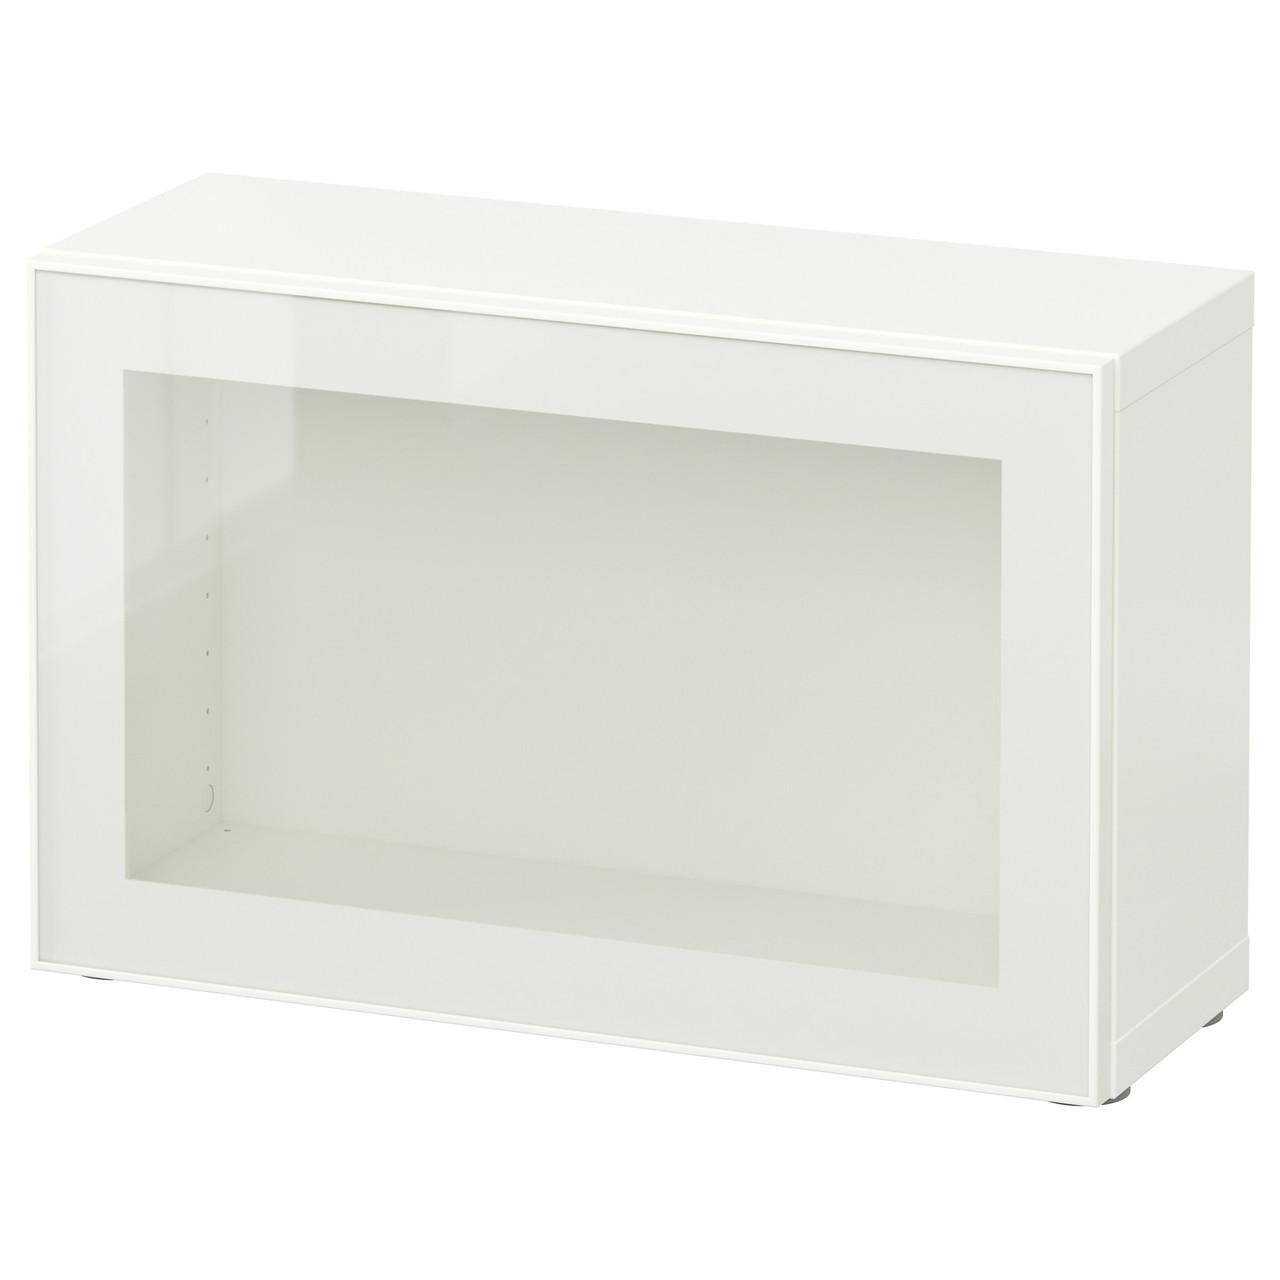 BESTÅ Сайт, белый, Glassvik белый/прозрачное стекло 290.466.39